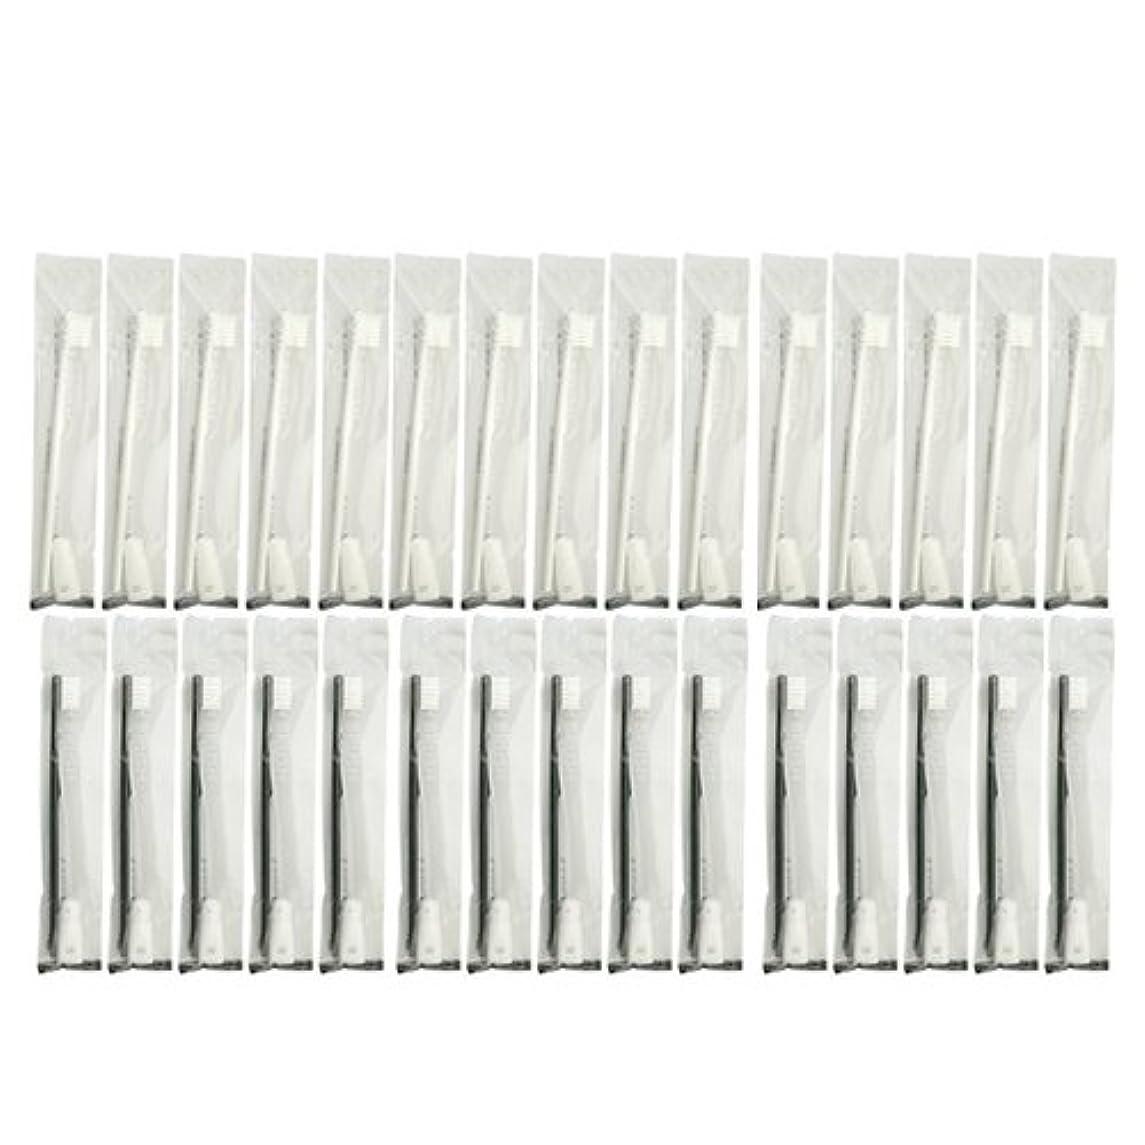 電報動機セメント業務用 使い捨て歯ブラシ チューブ歯磨き粉(3g)付き アソート 30本 (ブラック15本/ホワイト15本)セット│ホテルアメニティ 個包装タイプ